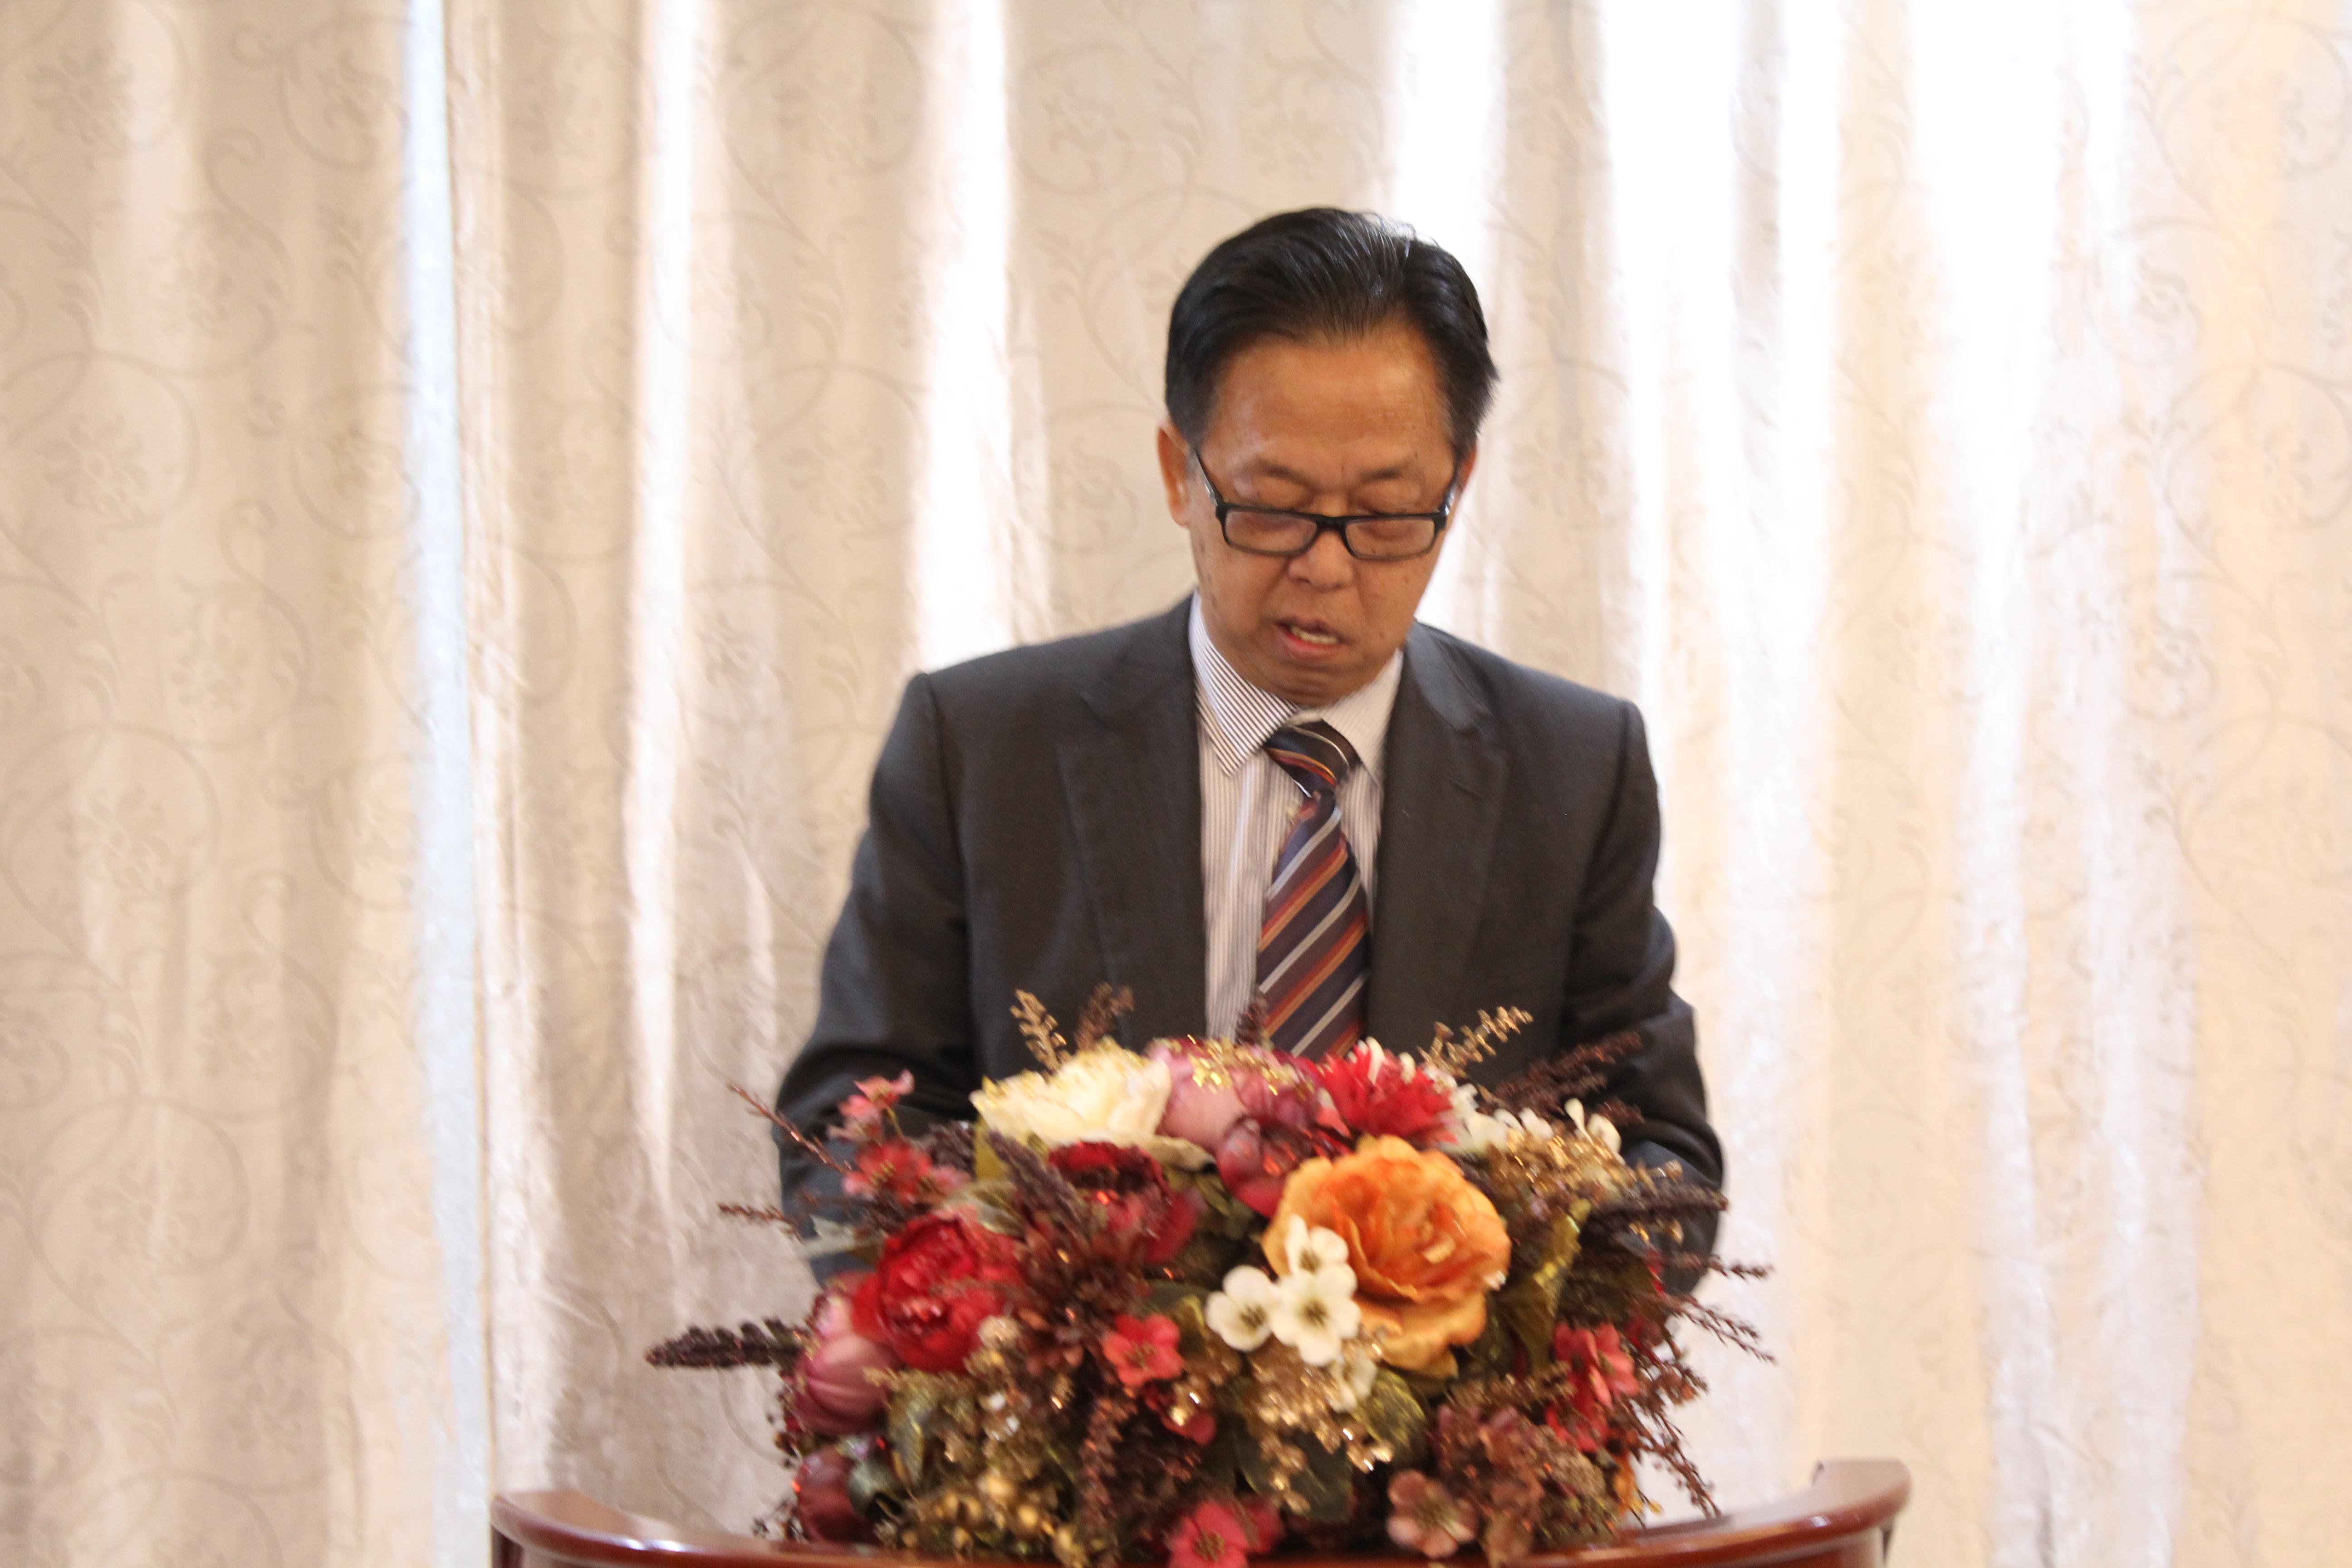 Wu Shaokang